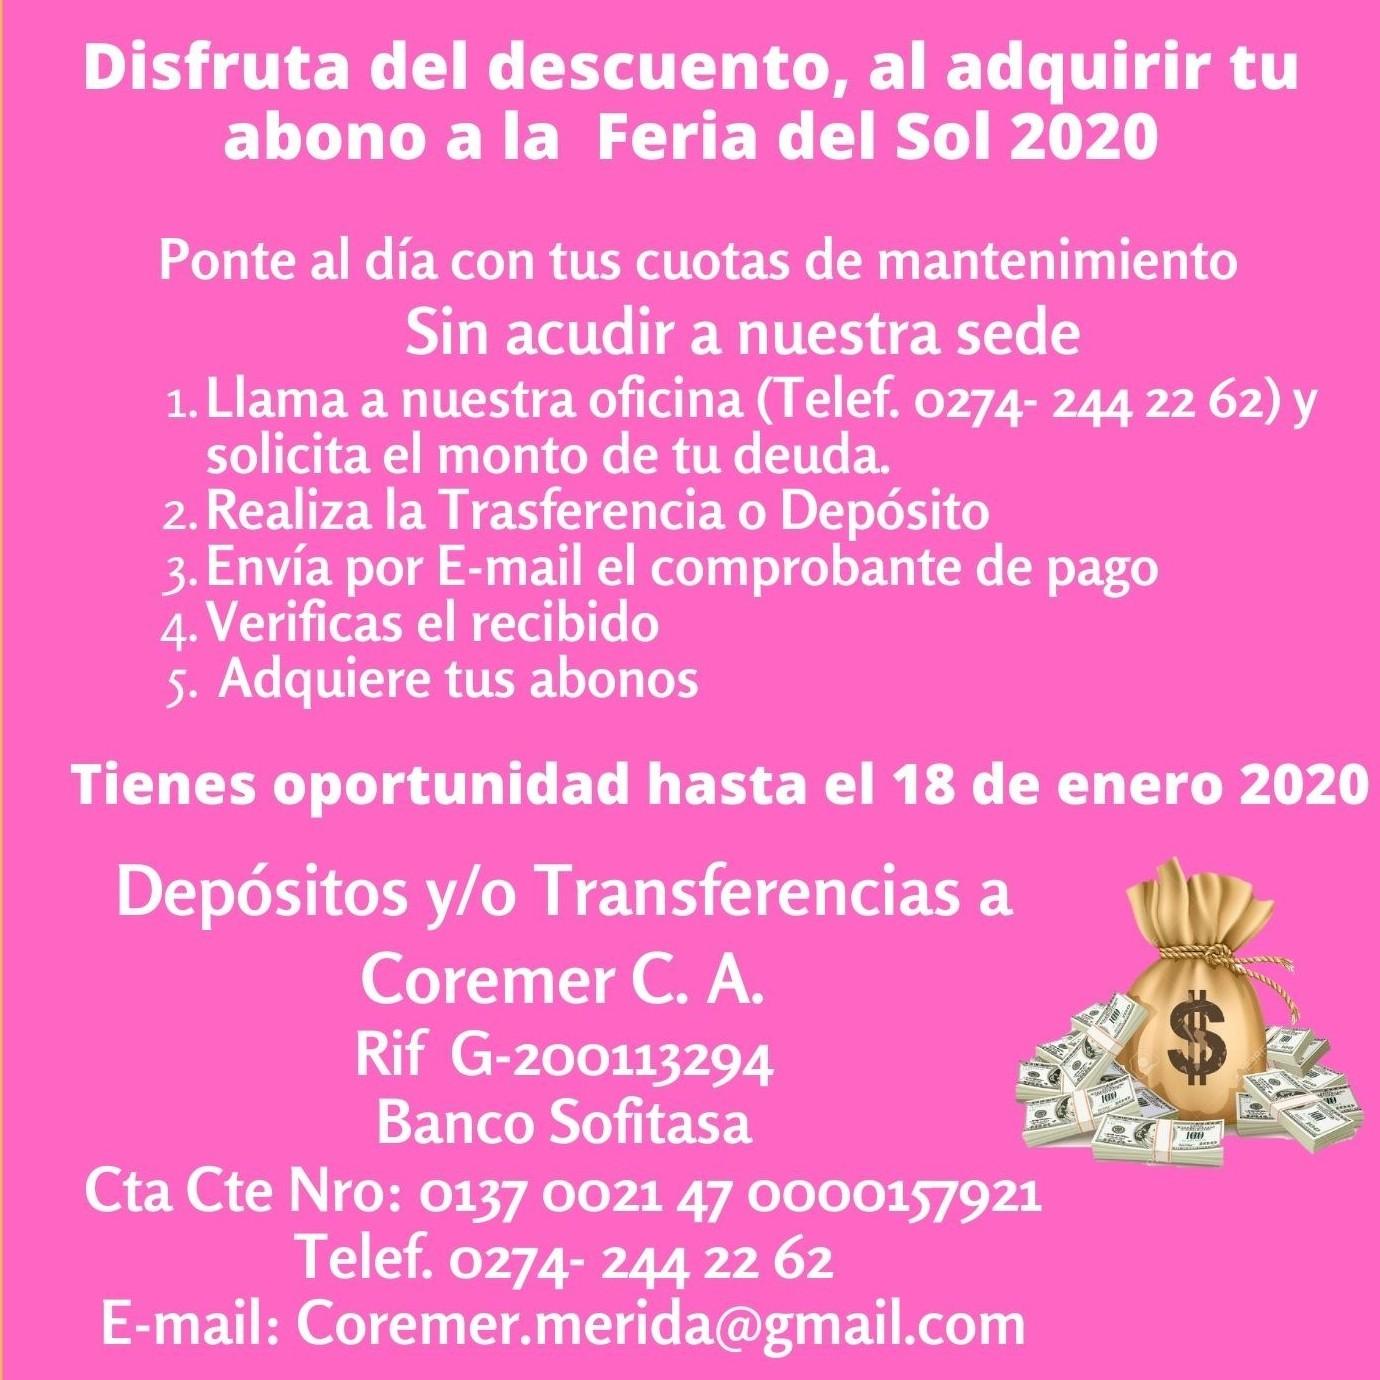 Diario Frontera, Frontera Digital,  COREMER, Regionales, ,Accionistas de Coremer pueden adquirir  abonos preferenciales para la FIS hasta el 18 de enero